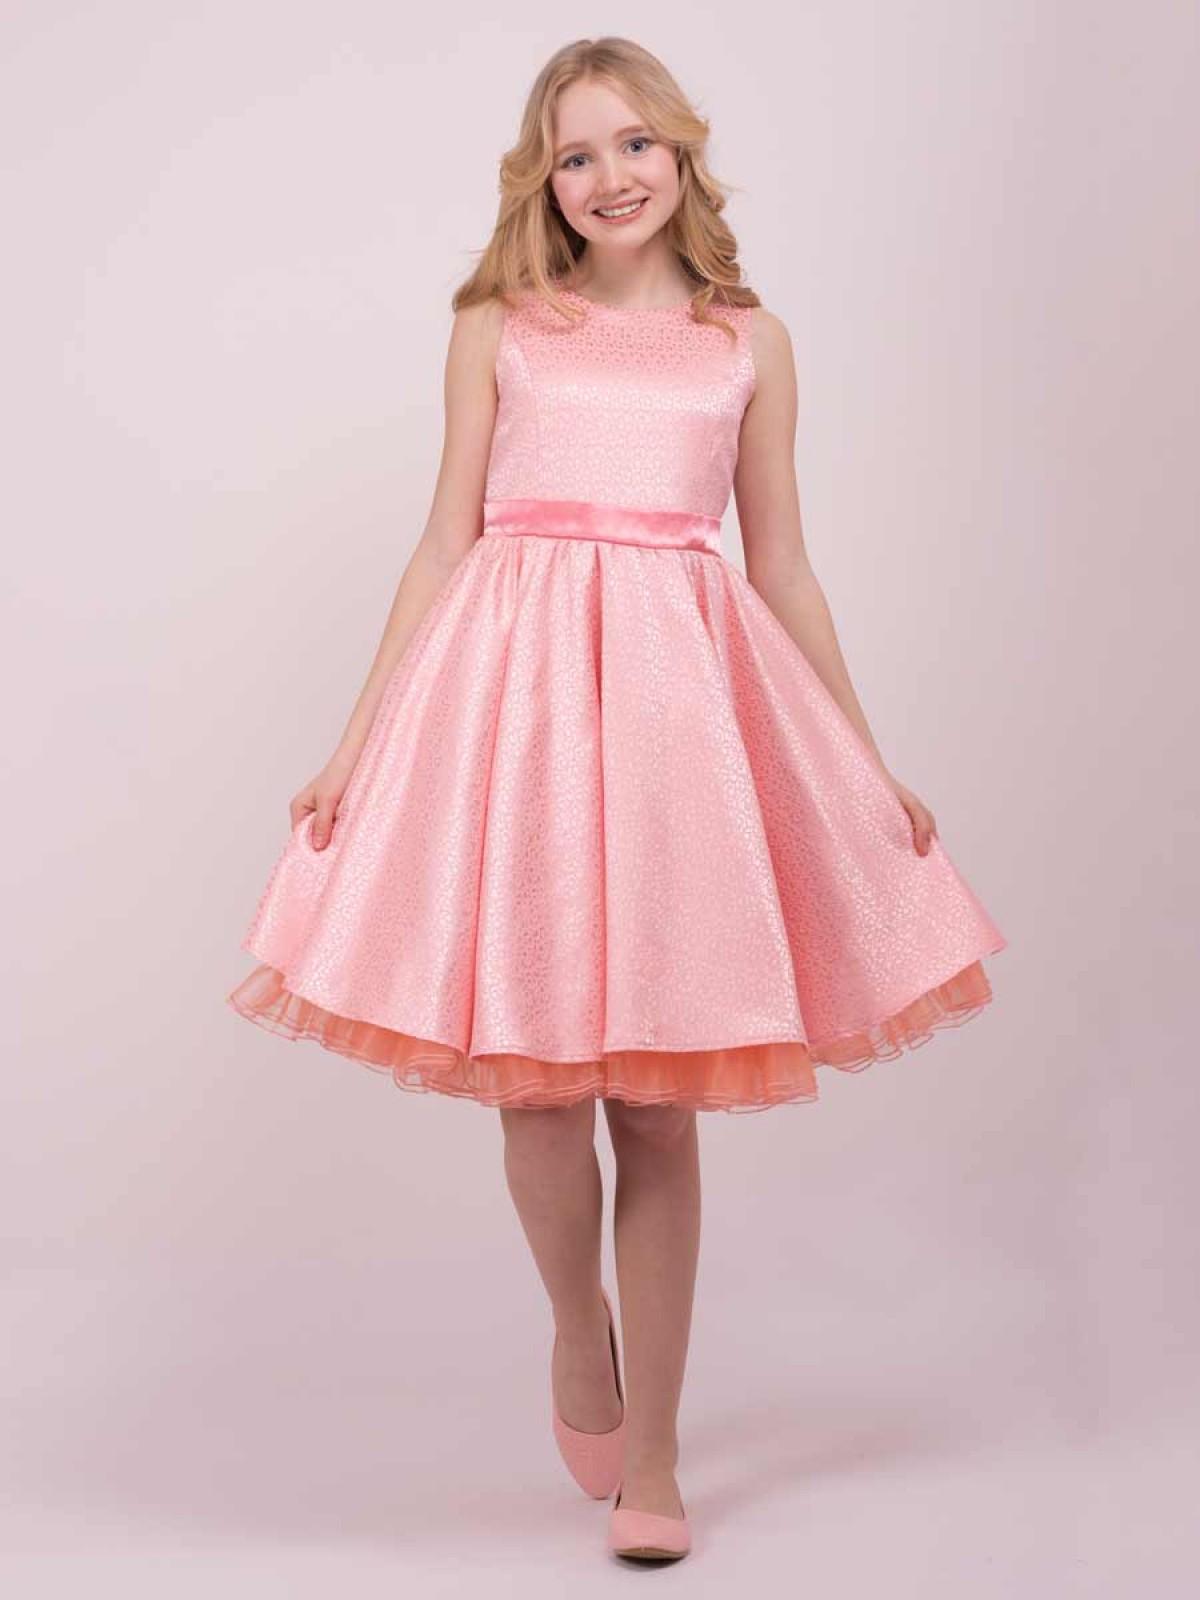 Подростковые платья для девочек